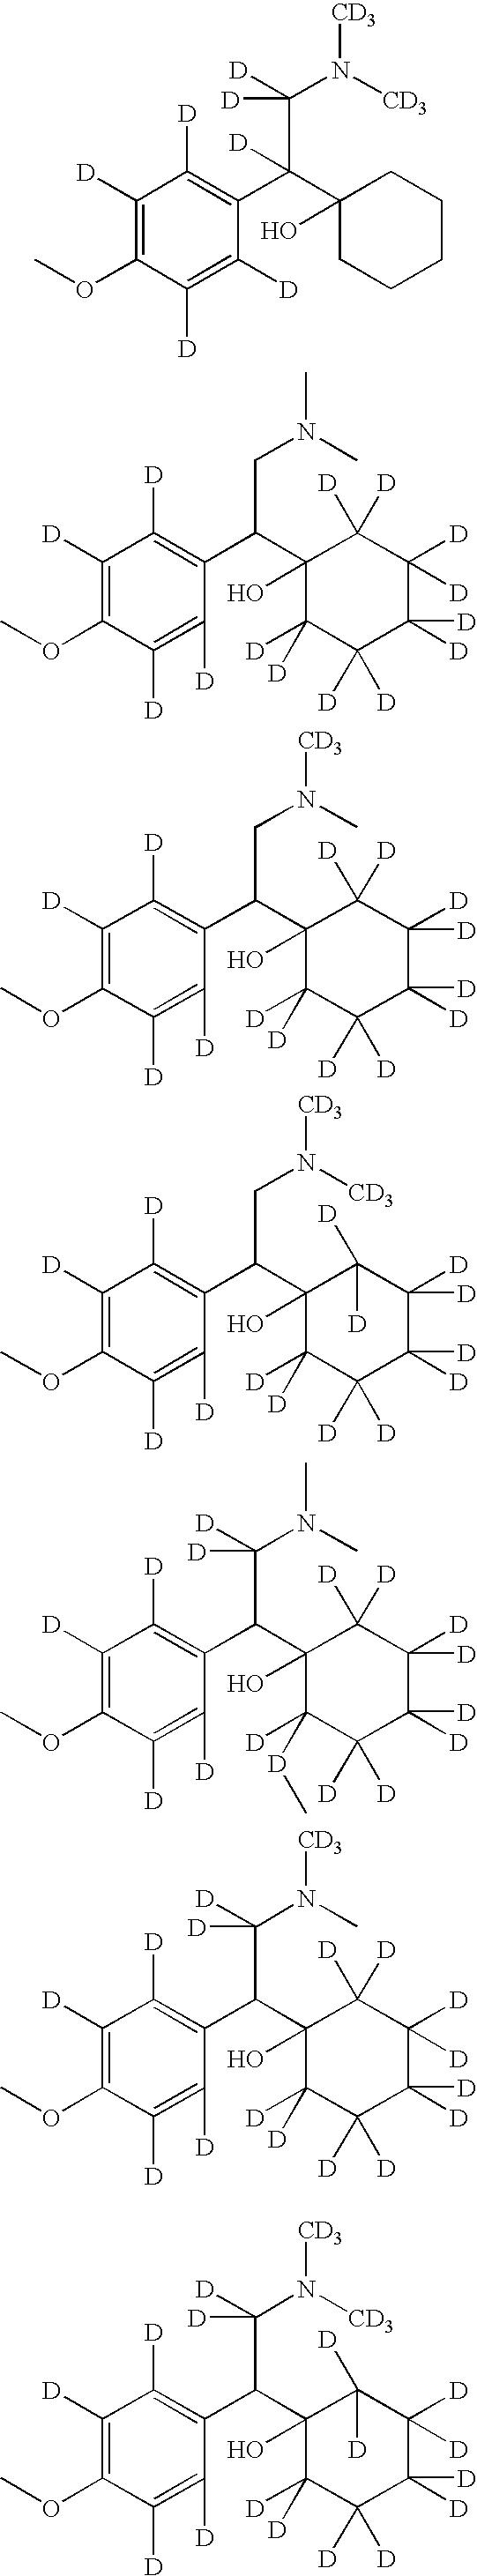 Figure US07456317-20081125-C00013